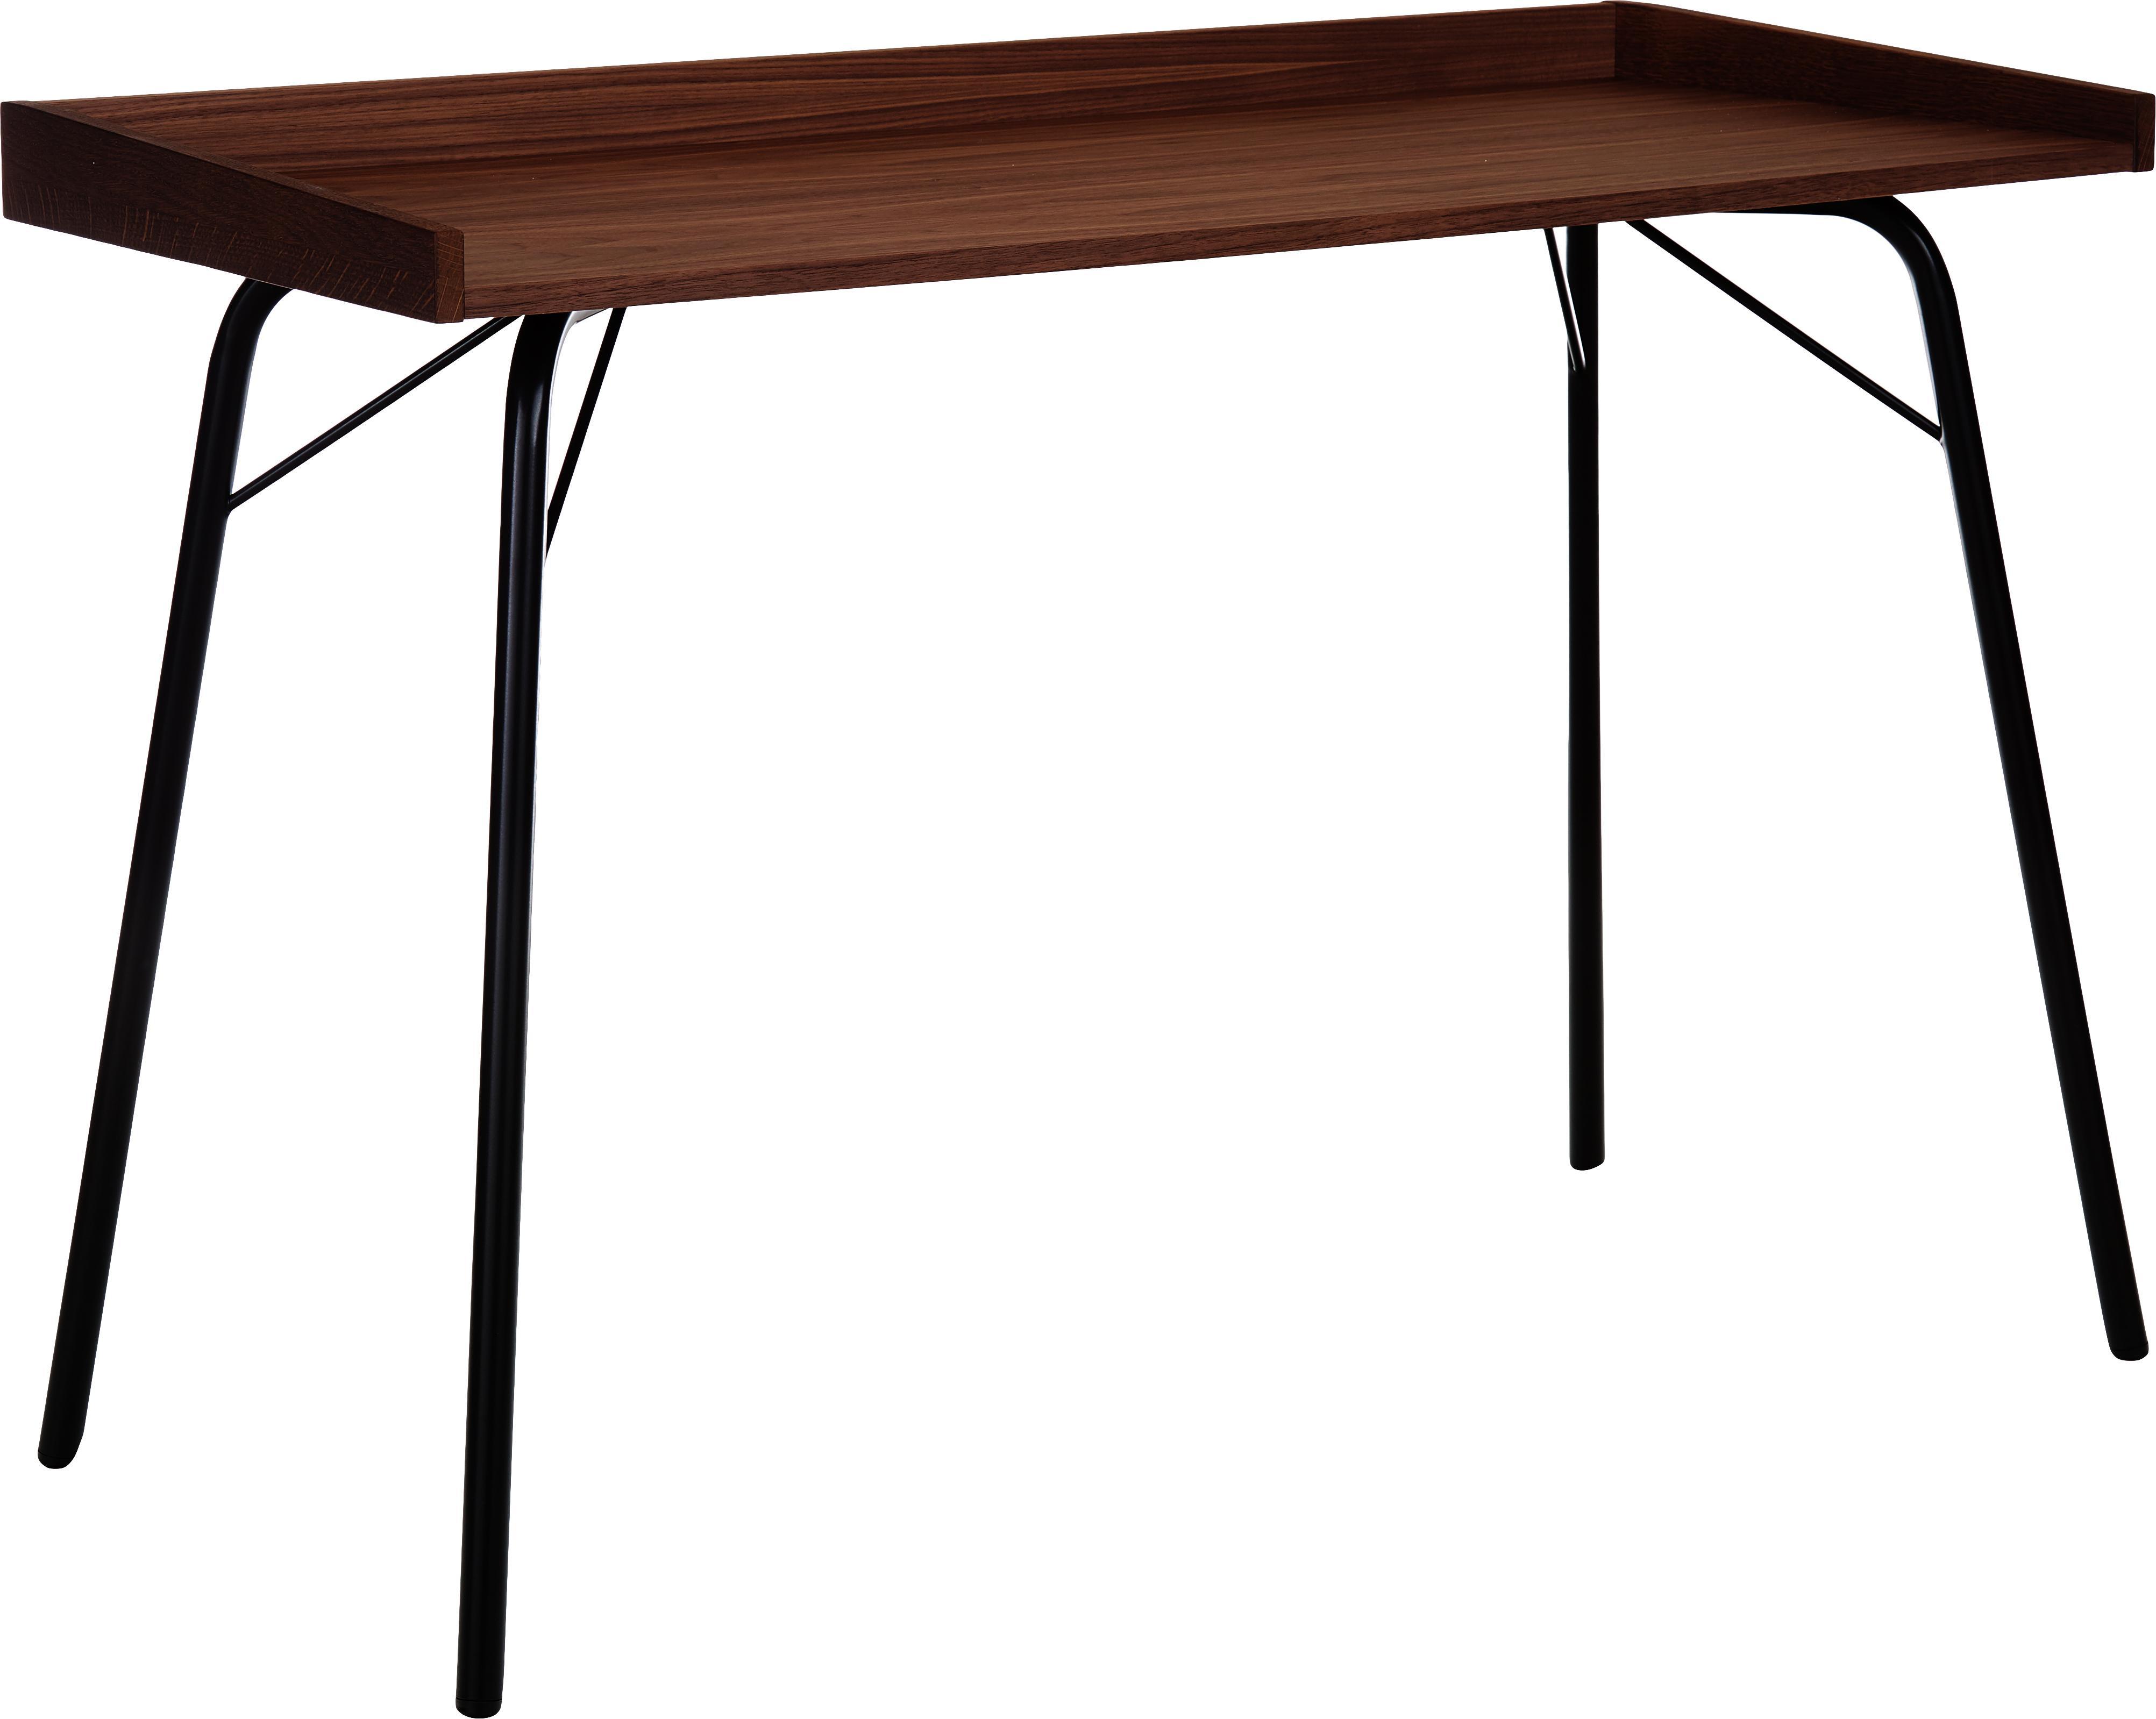 Bureau Rayburn met walnoothoutfineer, Tafelblad: MDF, walnoothoutfineer, Frame: gepoedercoat metaal, Walnoothoutkleurig, zwart, 115 x 78 cm